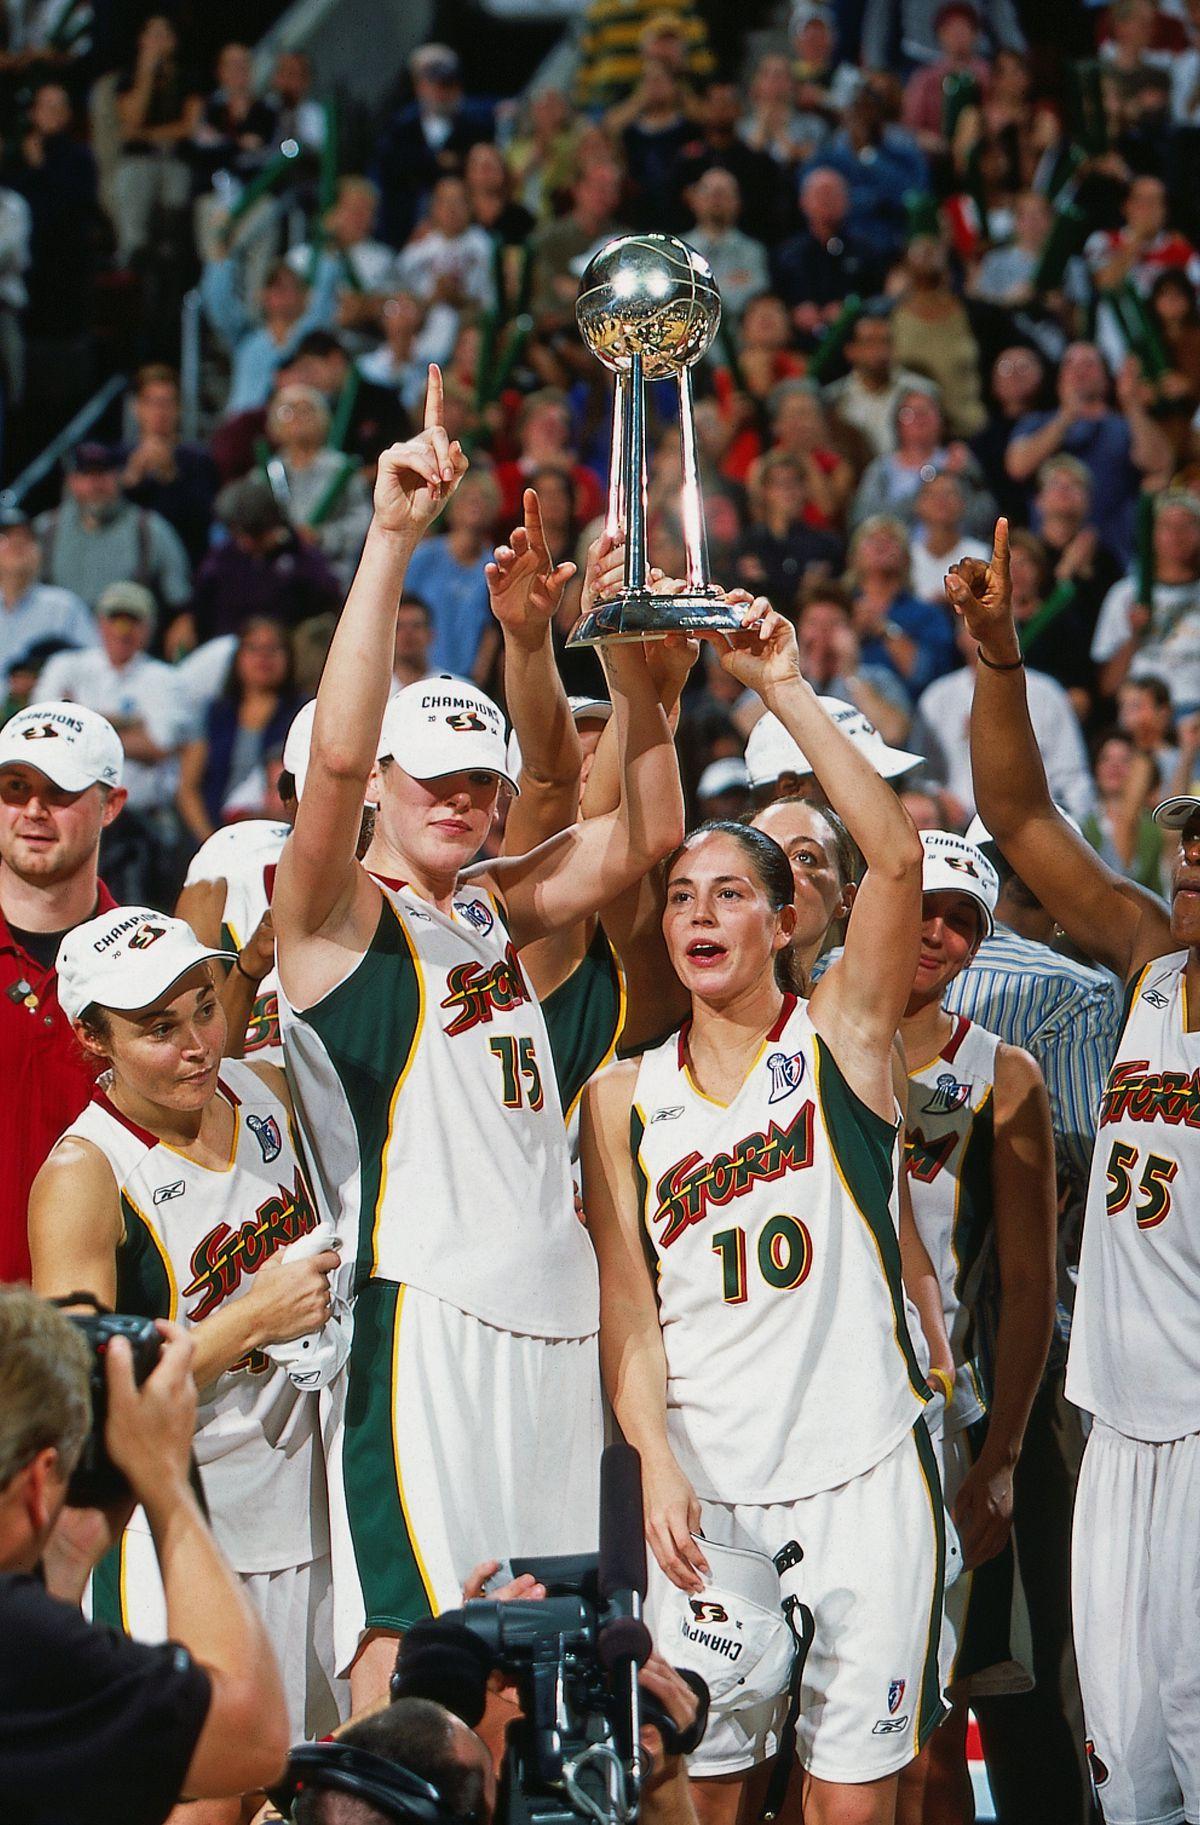 2004 WNBA Finals - Game 3: Connecticut Sun vs. Seattle Storm